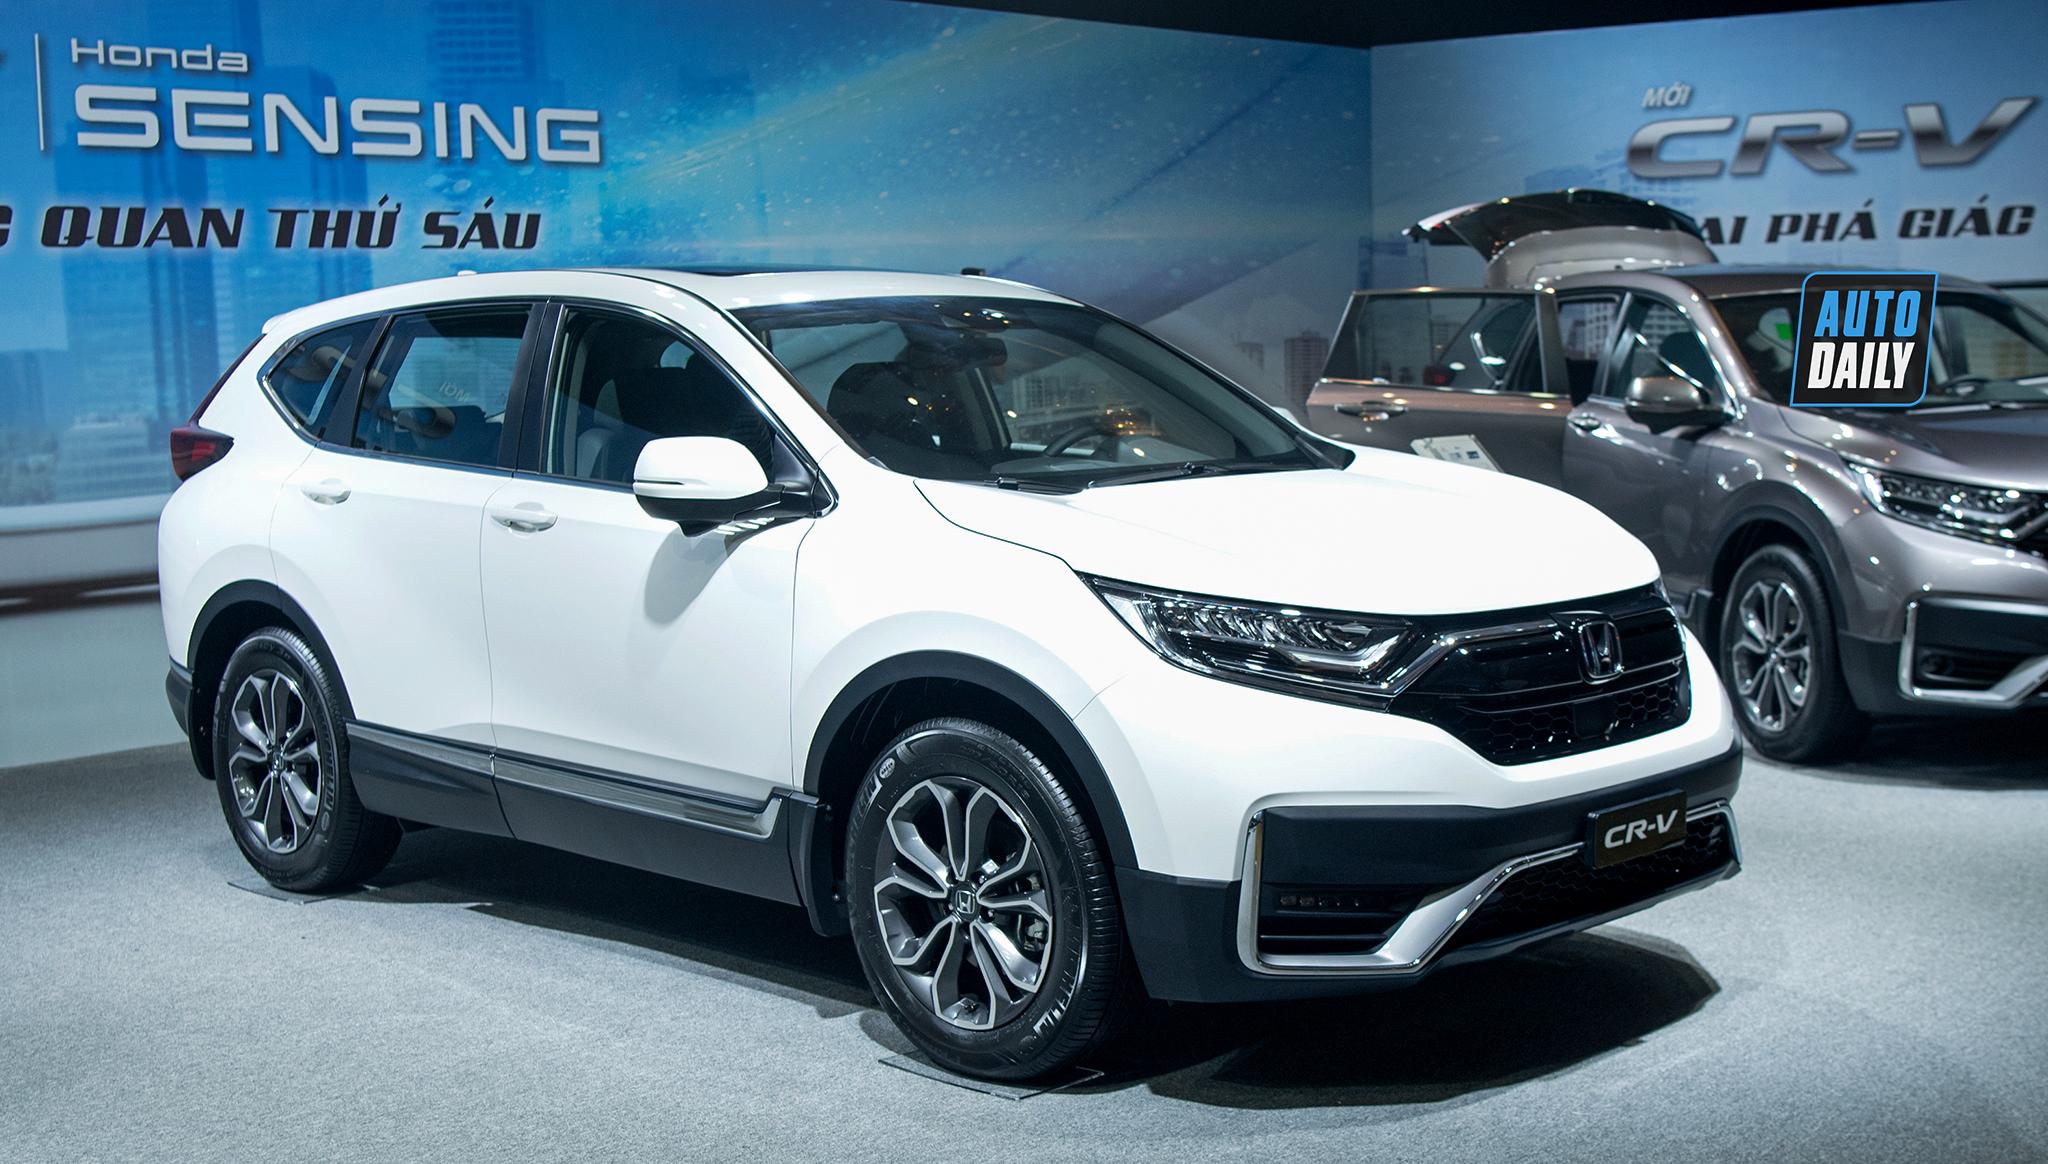 Top 5 mẫu xe gầm cao hấp dẫn mới ra mắt tại Việt Nam